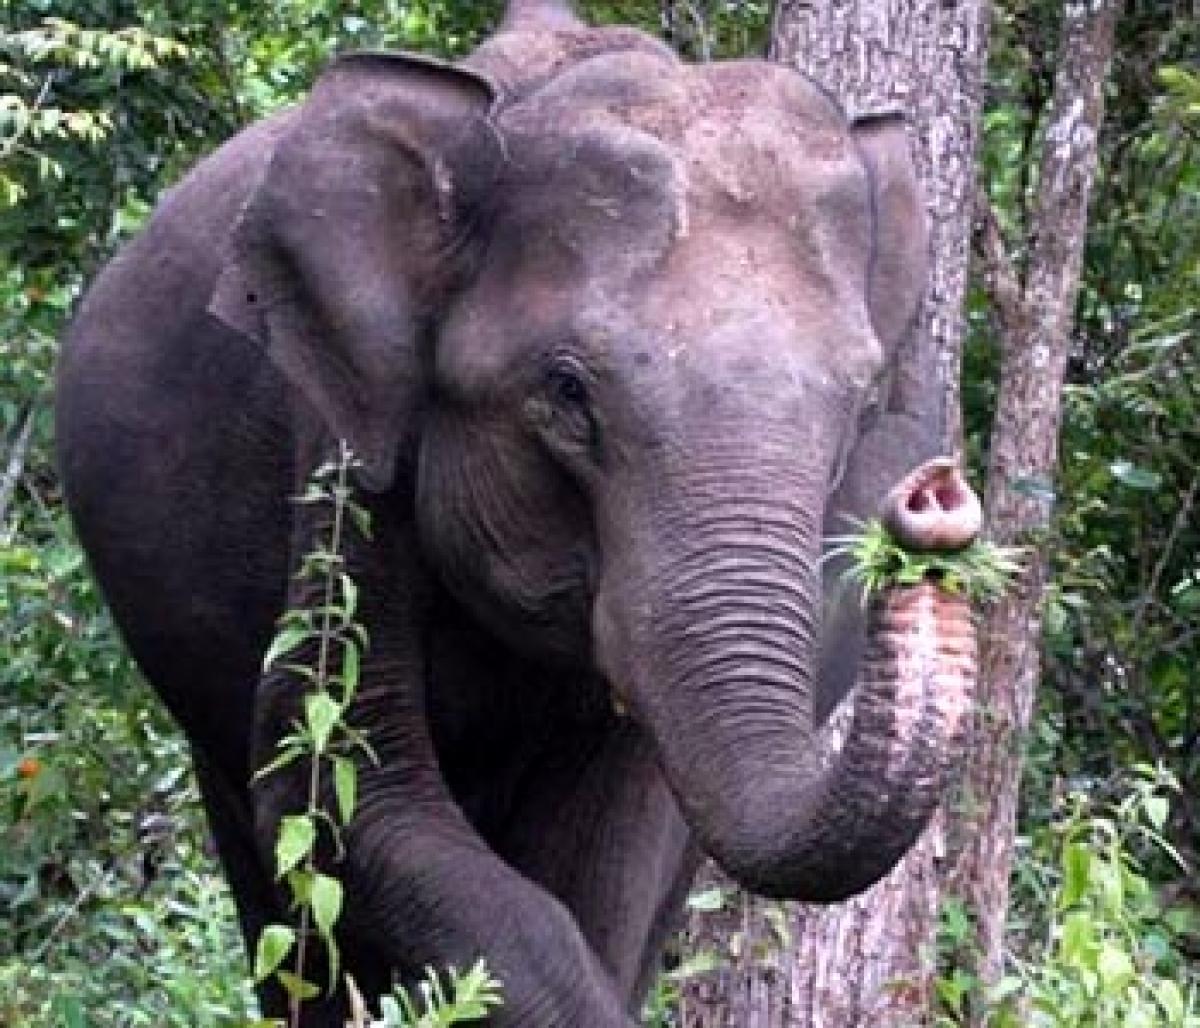 Elephants trample woman to death in Meghalaya